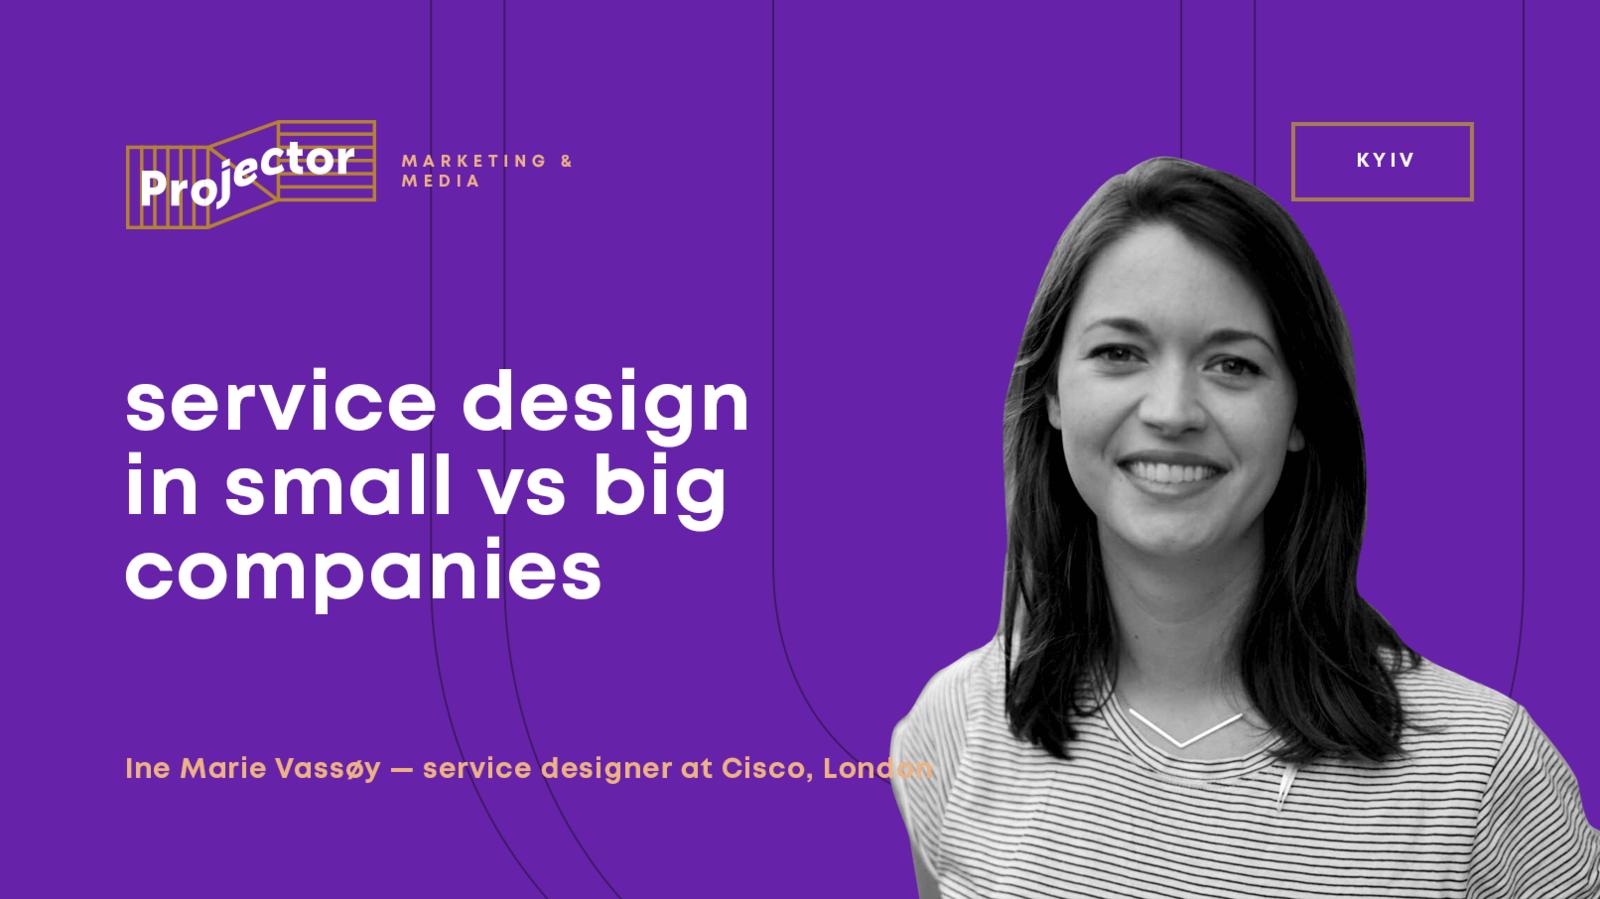 Service design in small VS big companies